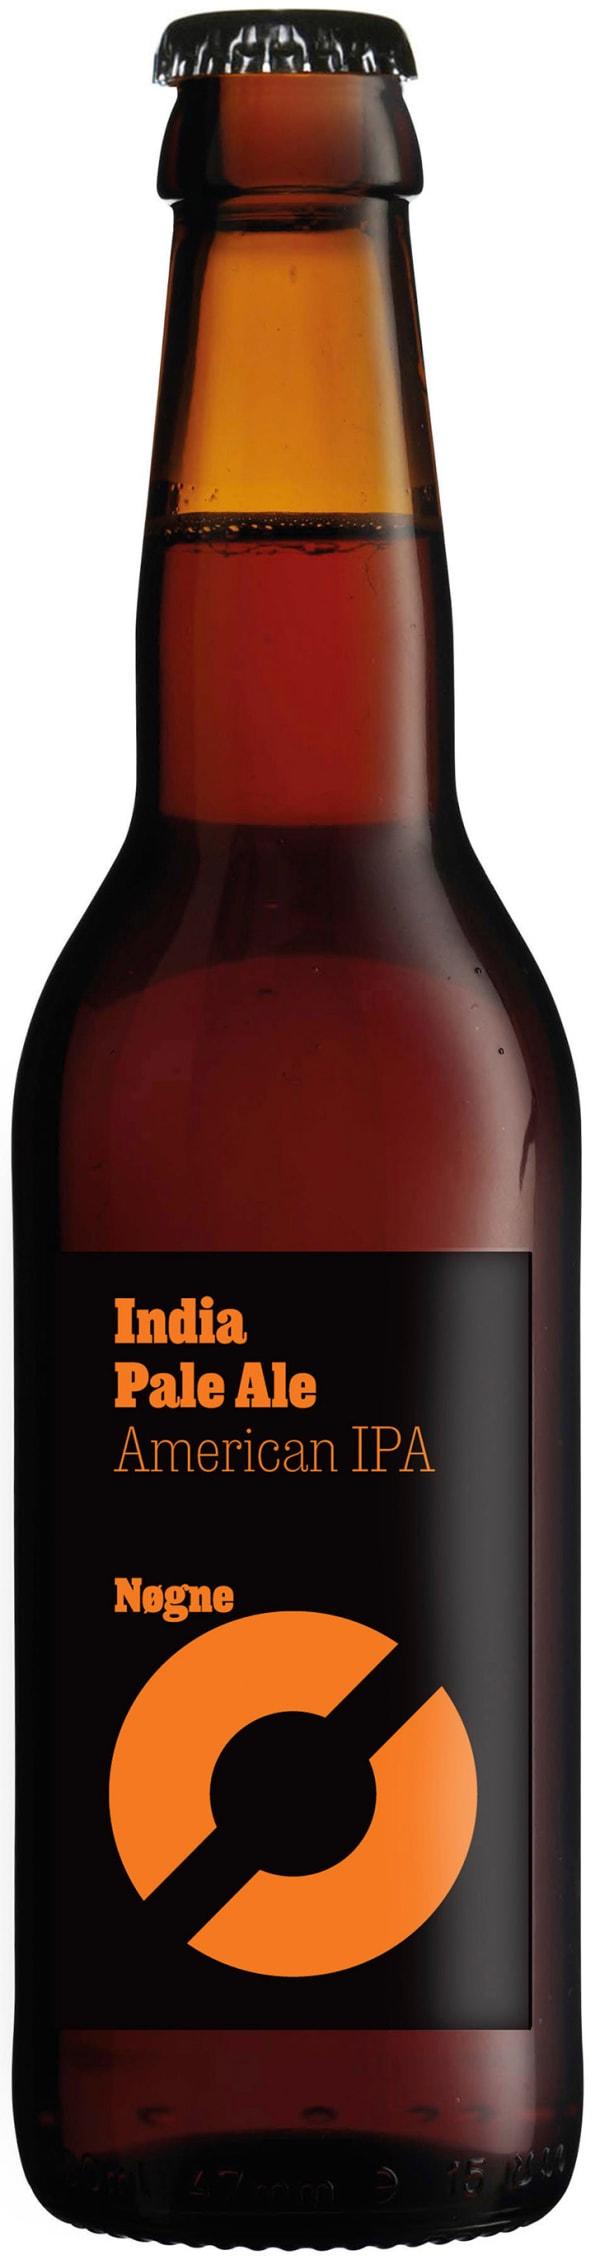 Nøgne Ø India Pale Ale